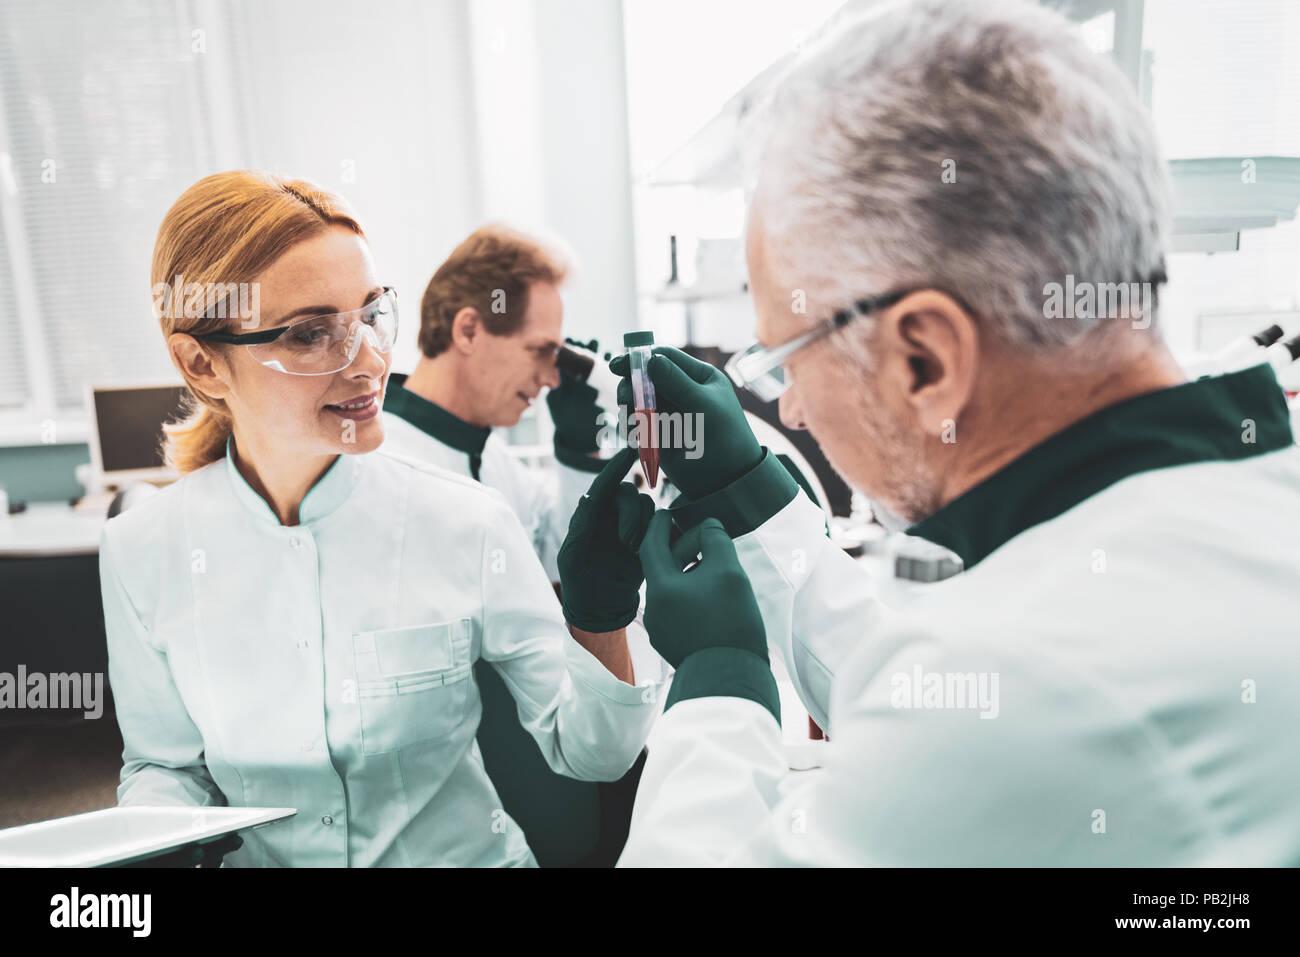 Ayudante de química cooperando con su asesor científico Foto de stock